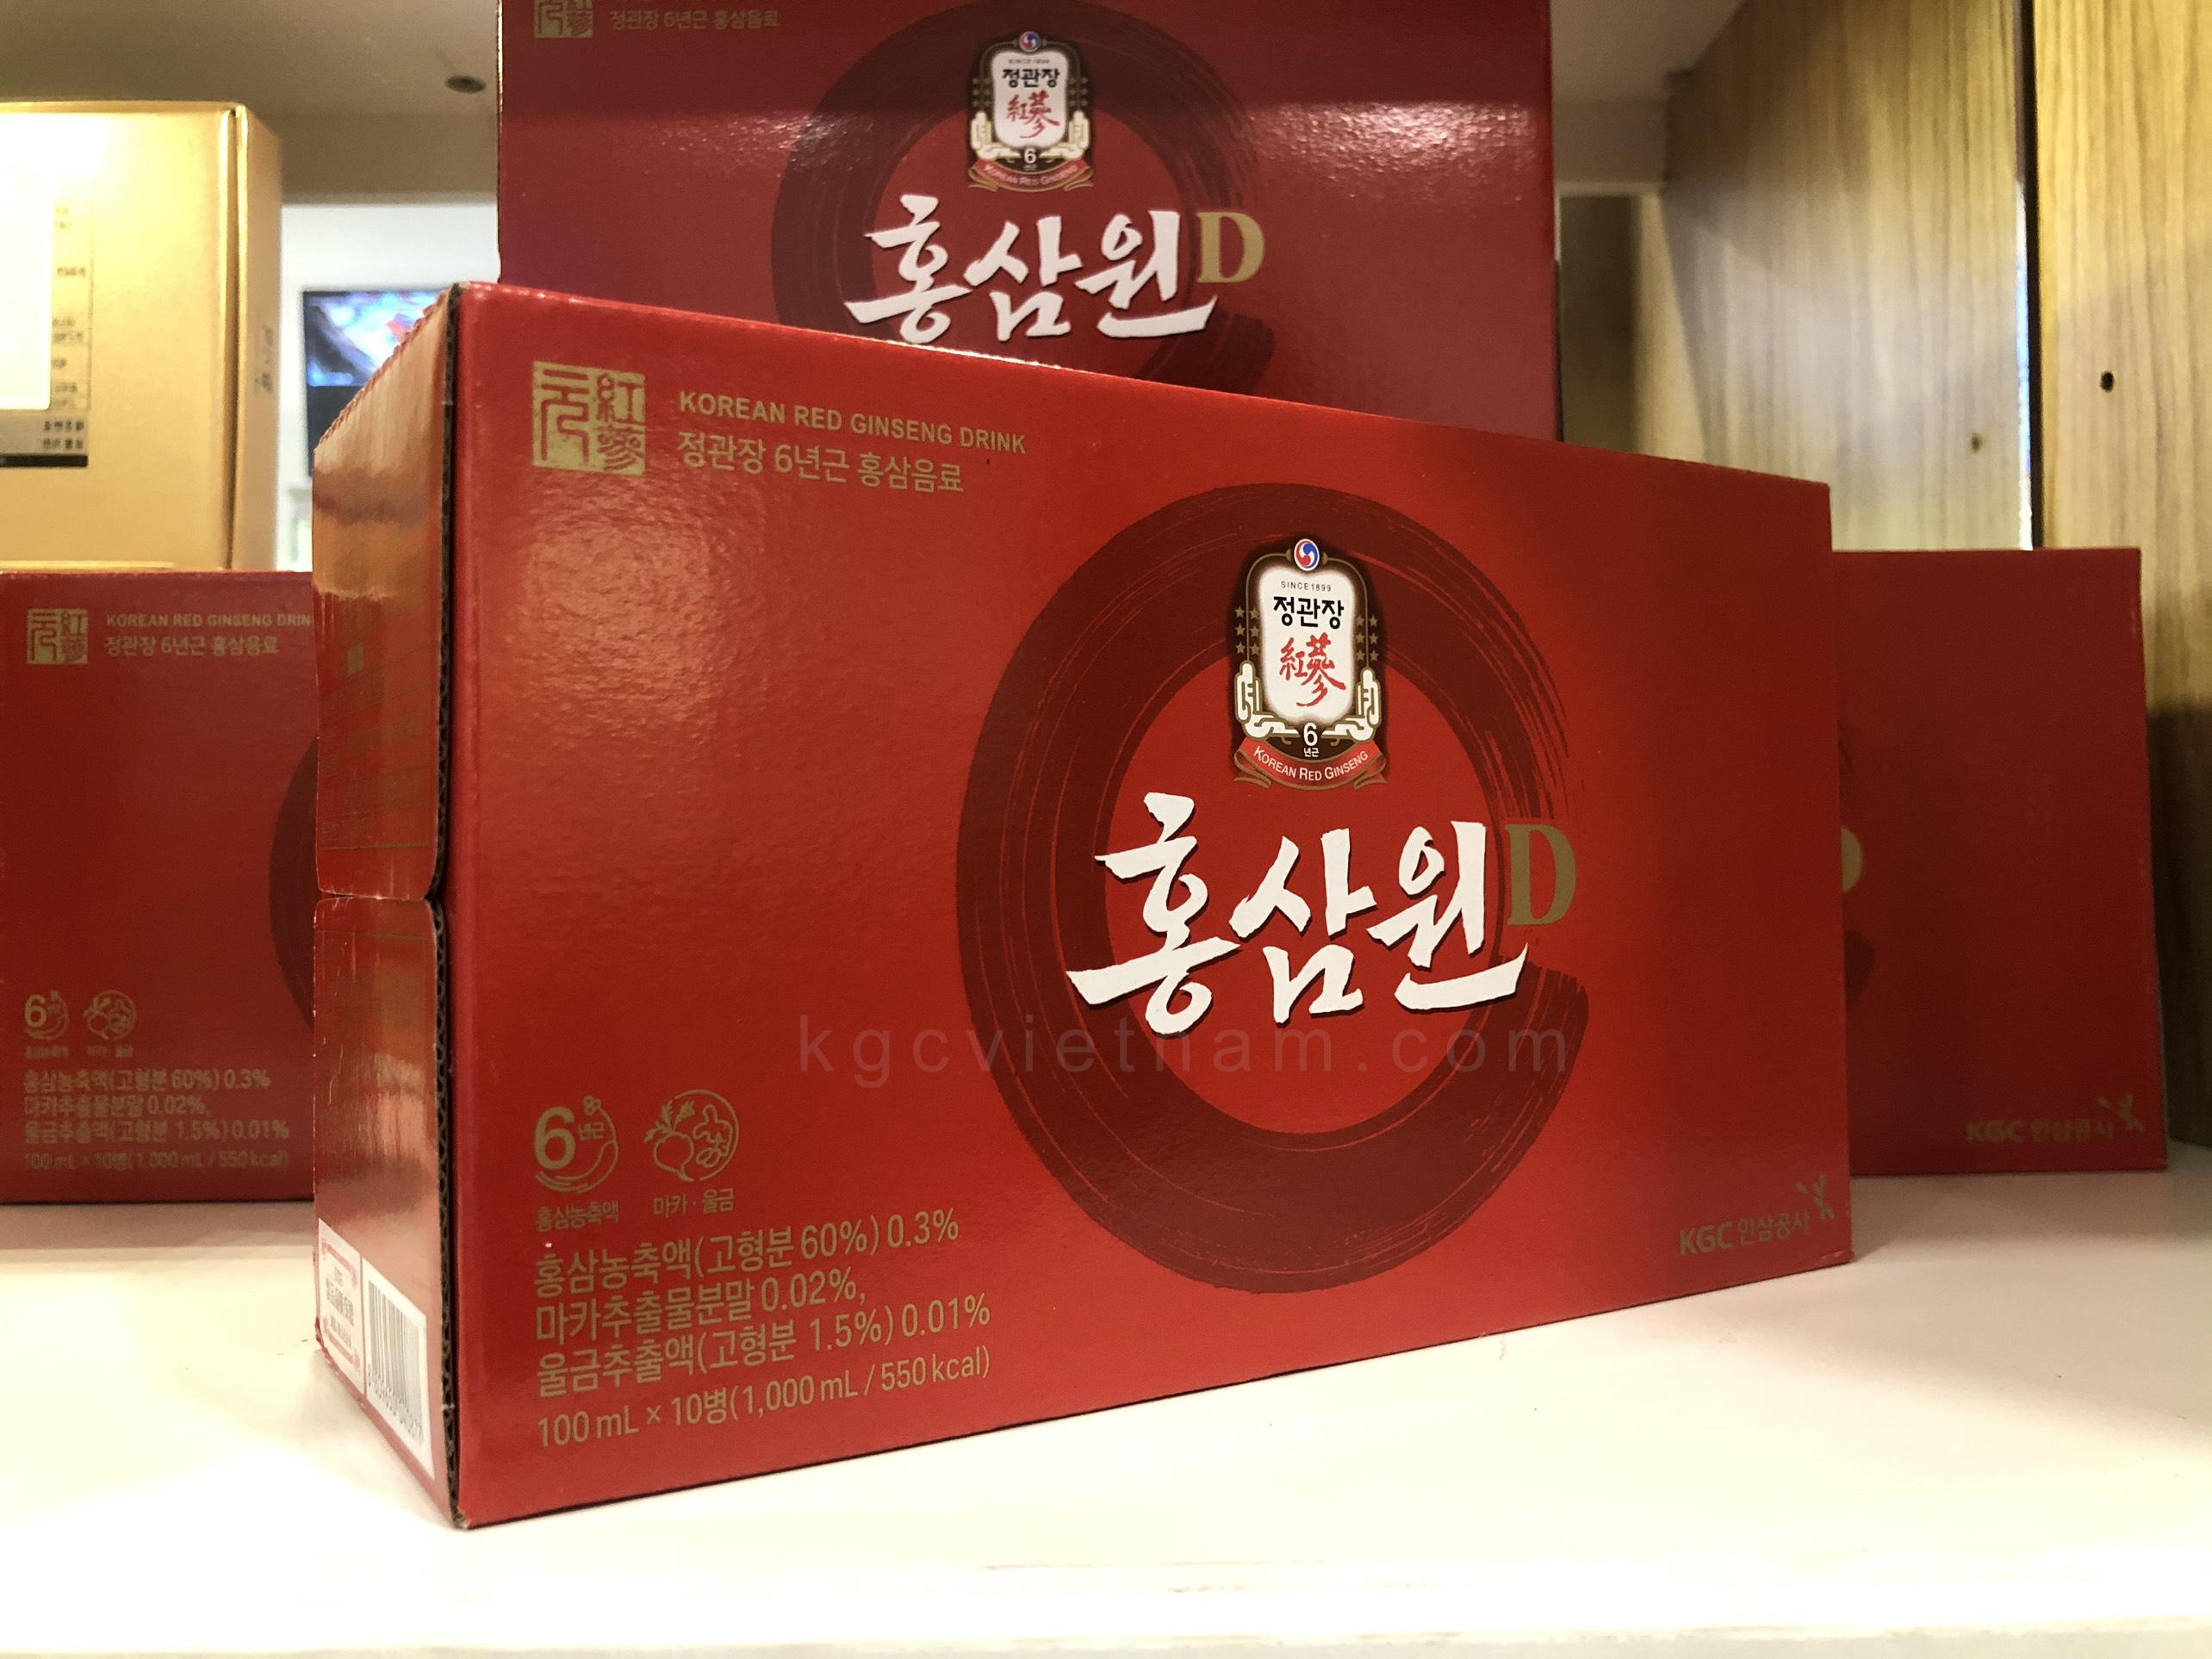 hồng sâm chính phủ kgc won 10 chai